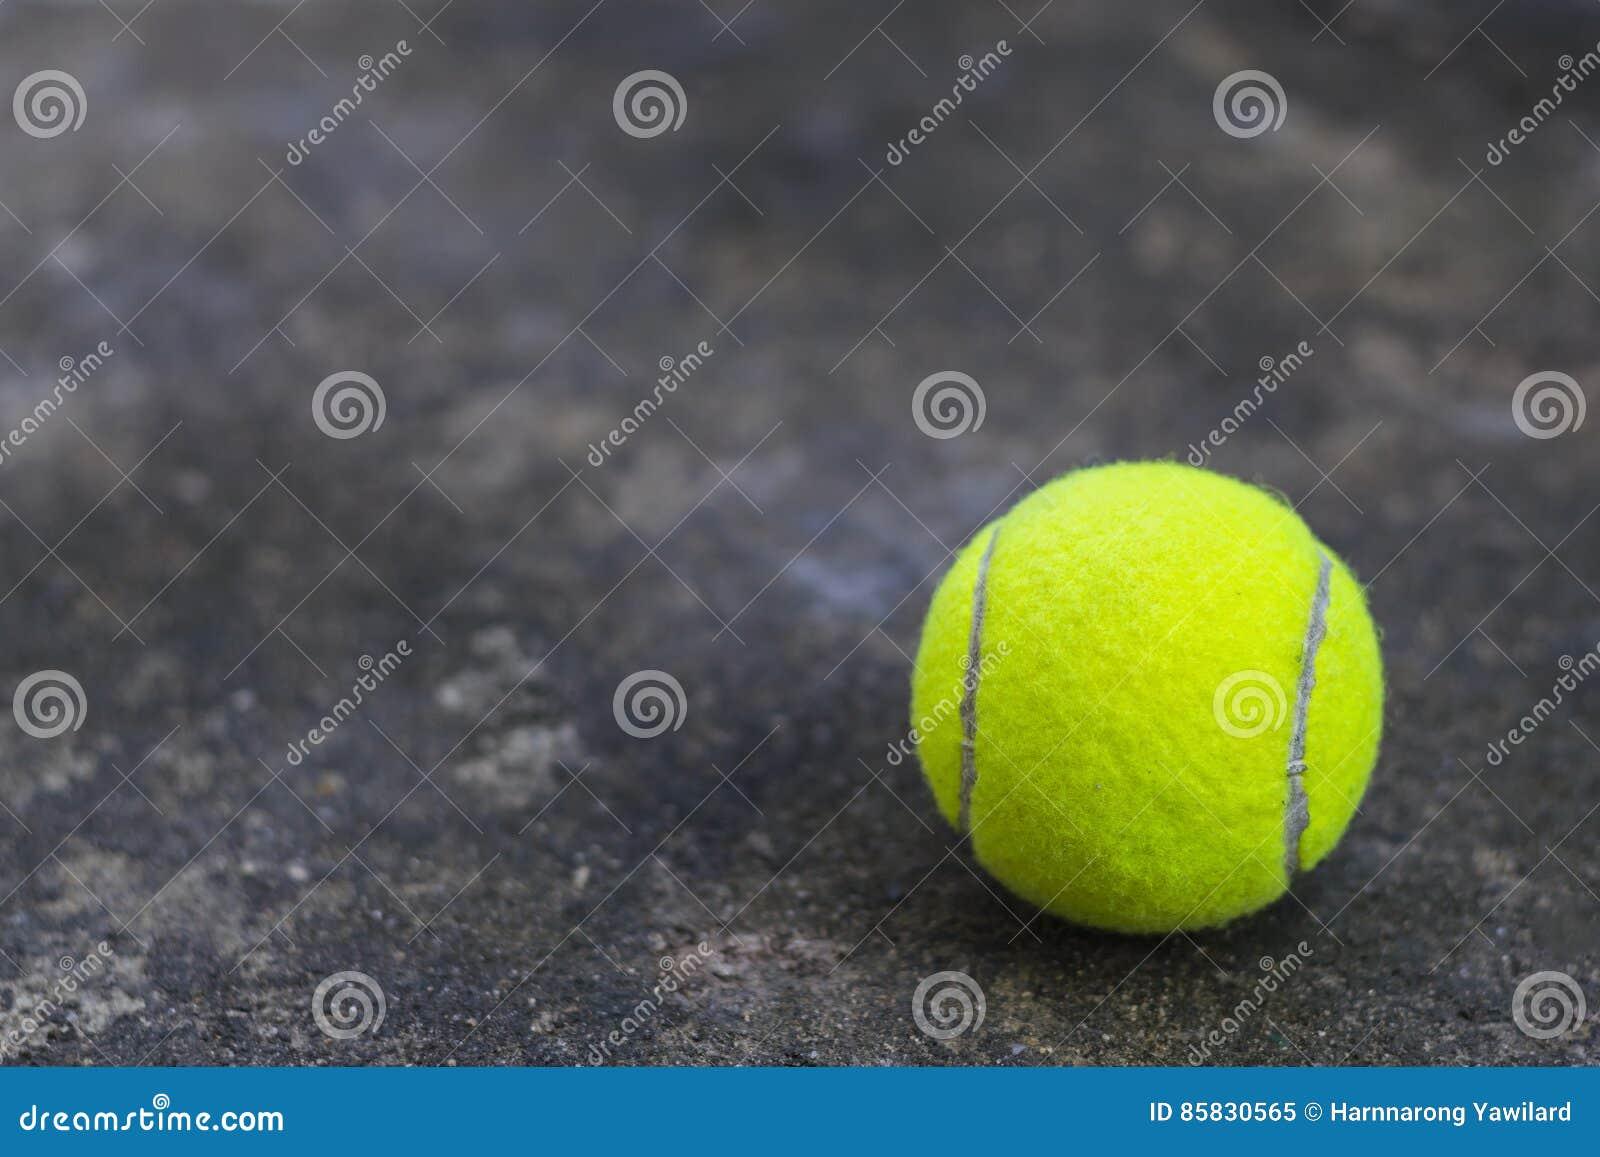 Tenis pelota stock de ilustracion ilustracion libre de stock de - Pelota De Tenis En La Tierra Sucia Stock De Ilustraci N